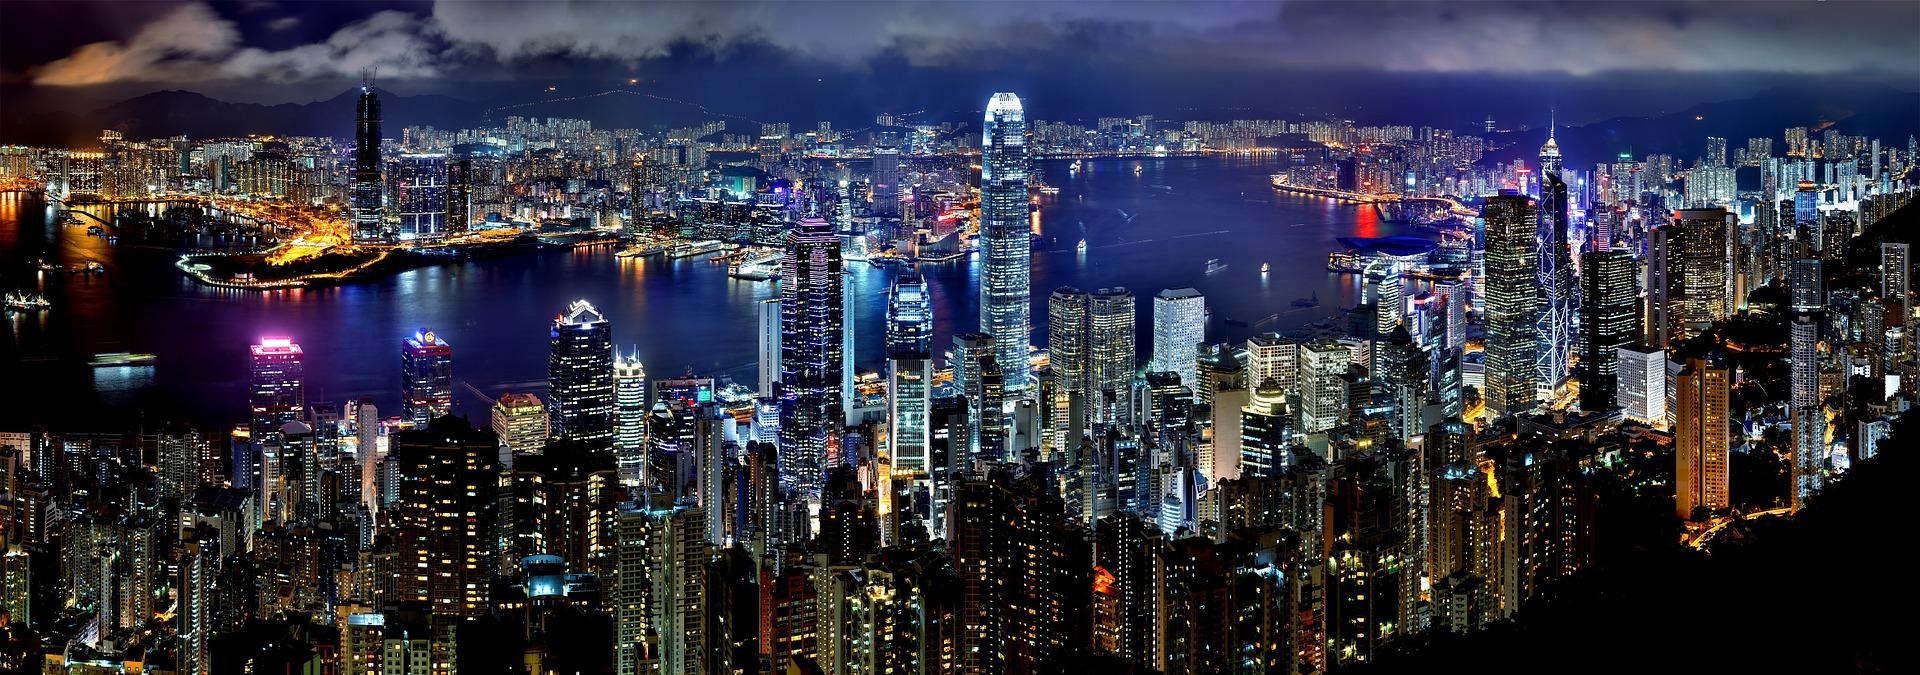 O magnífico skyline de Hong Kong